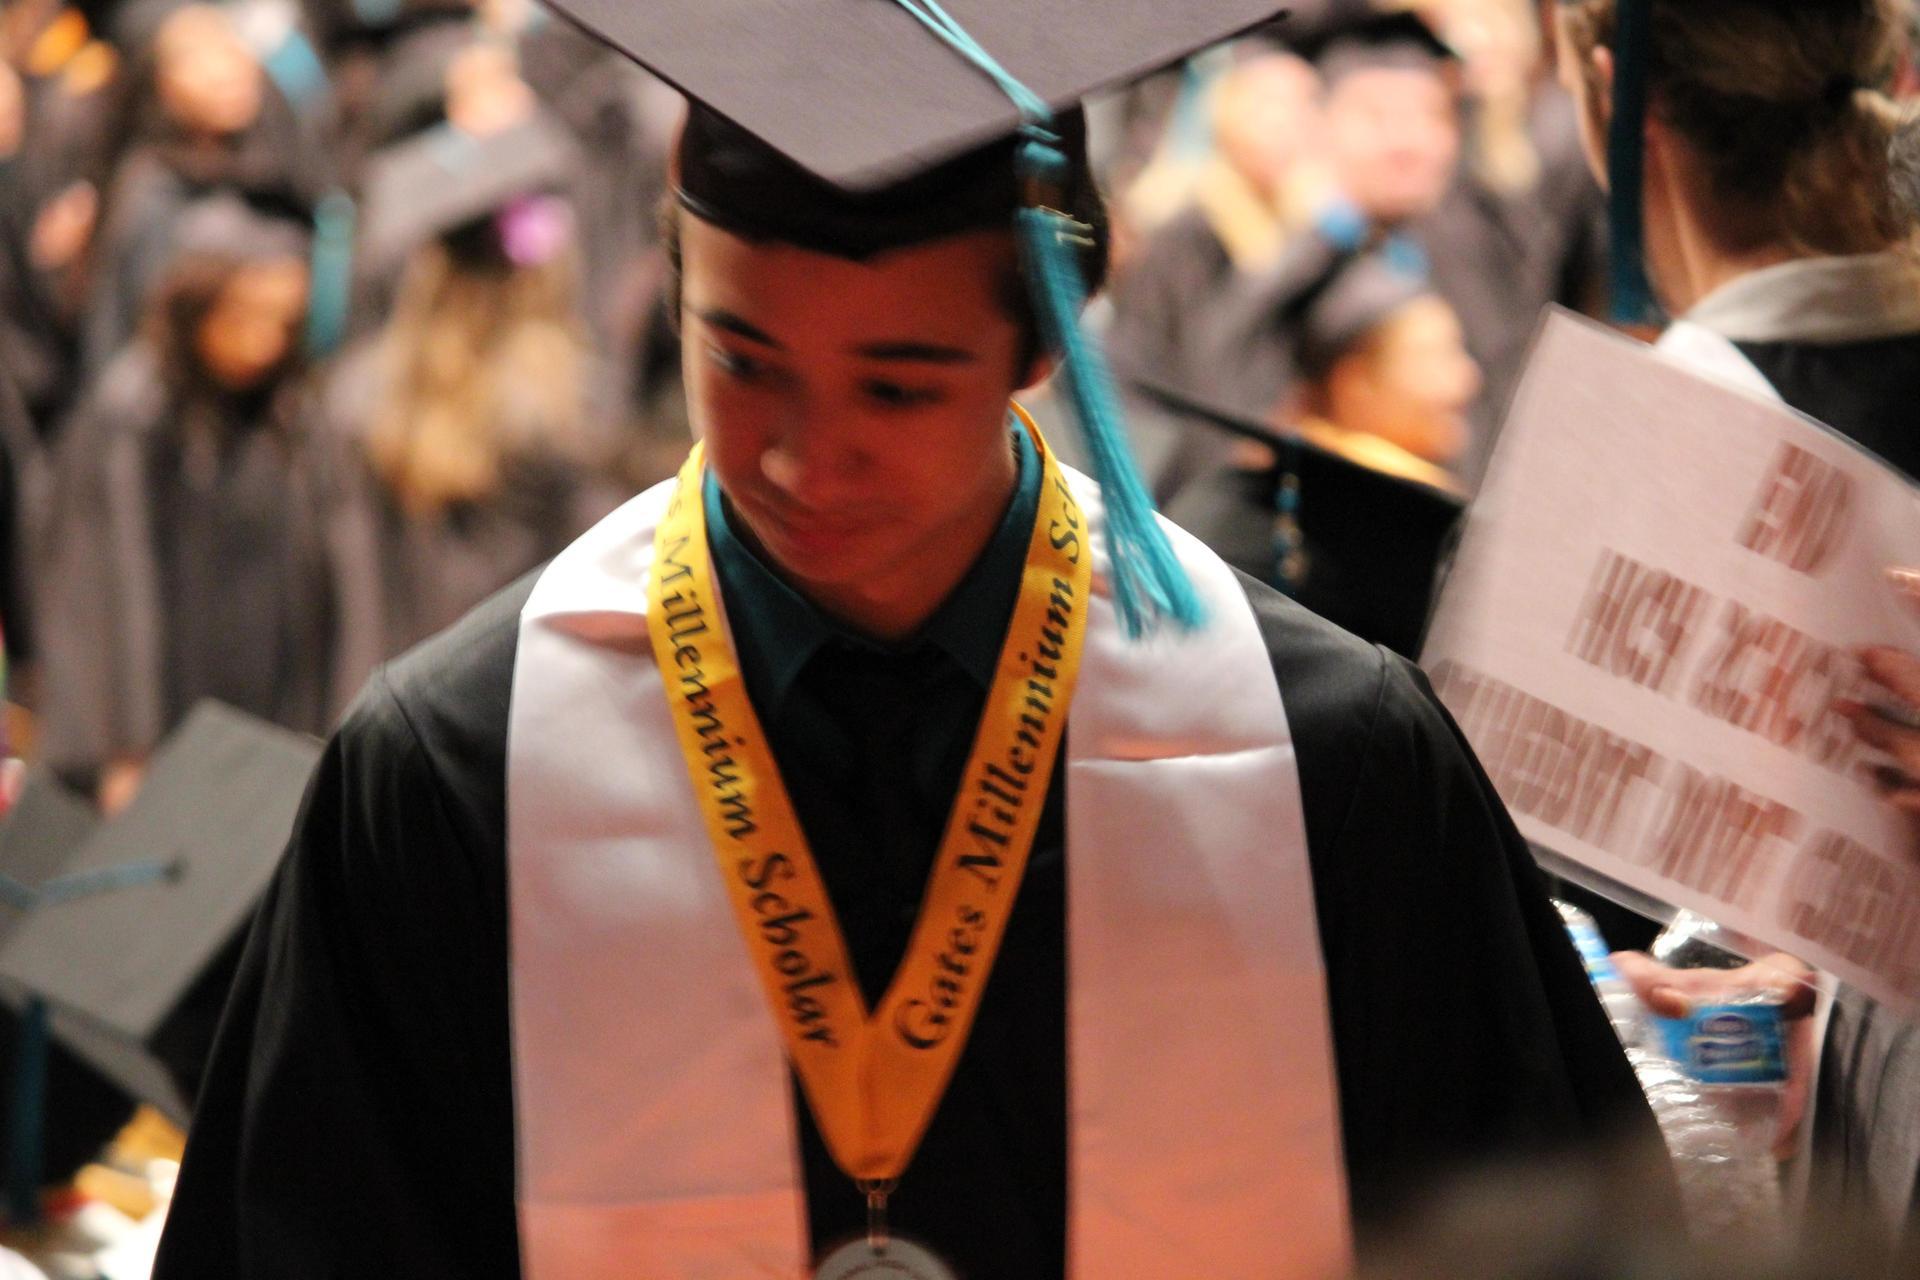 Gates Millenium Scholar 2012